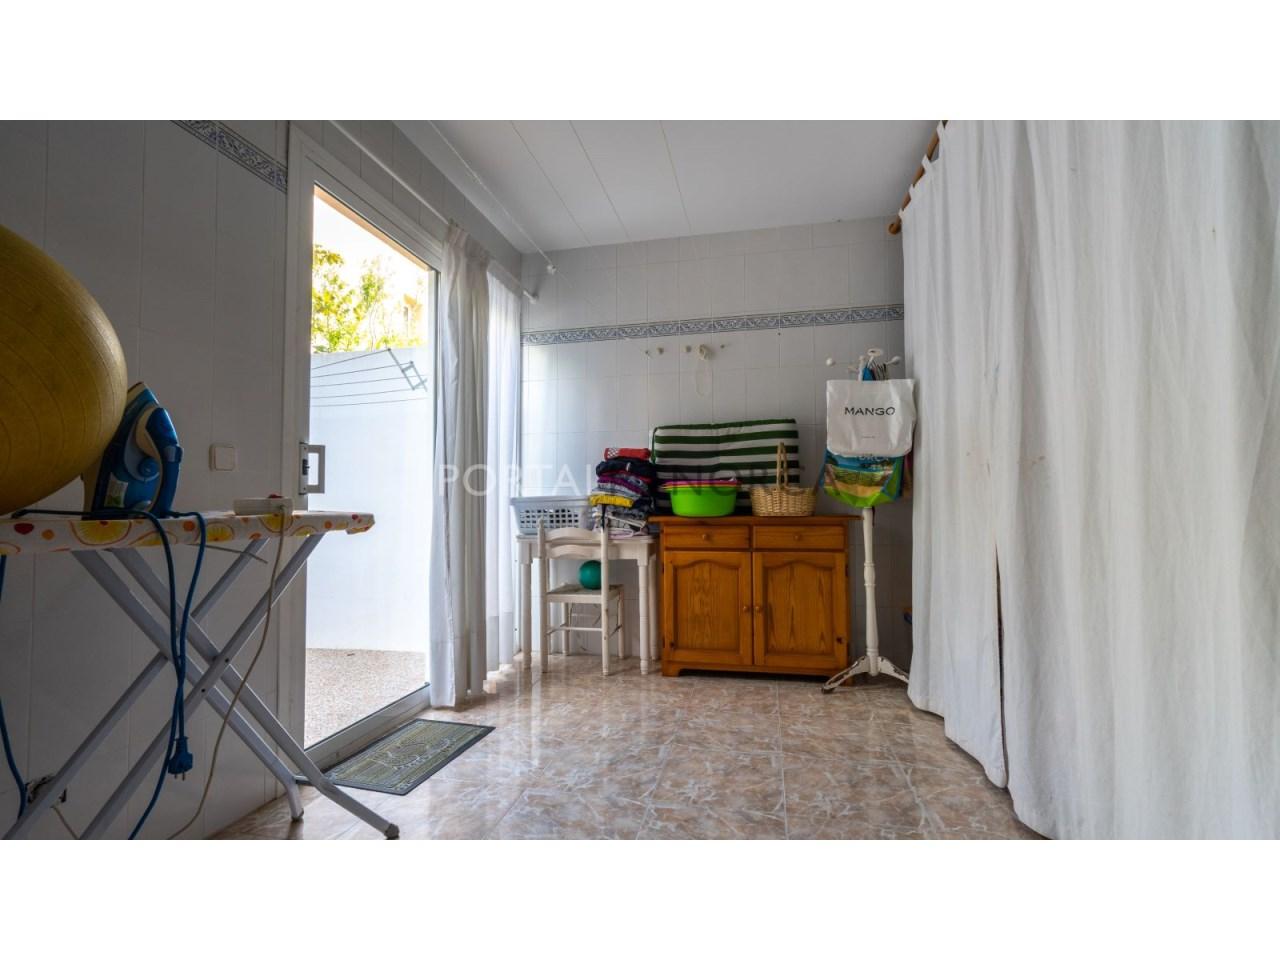 alaior-casa-venta-menorca (4)